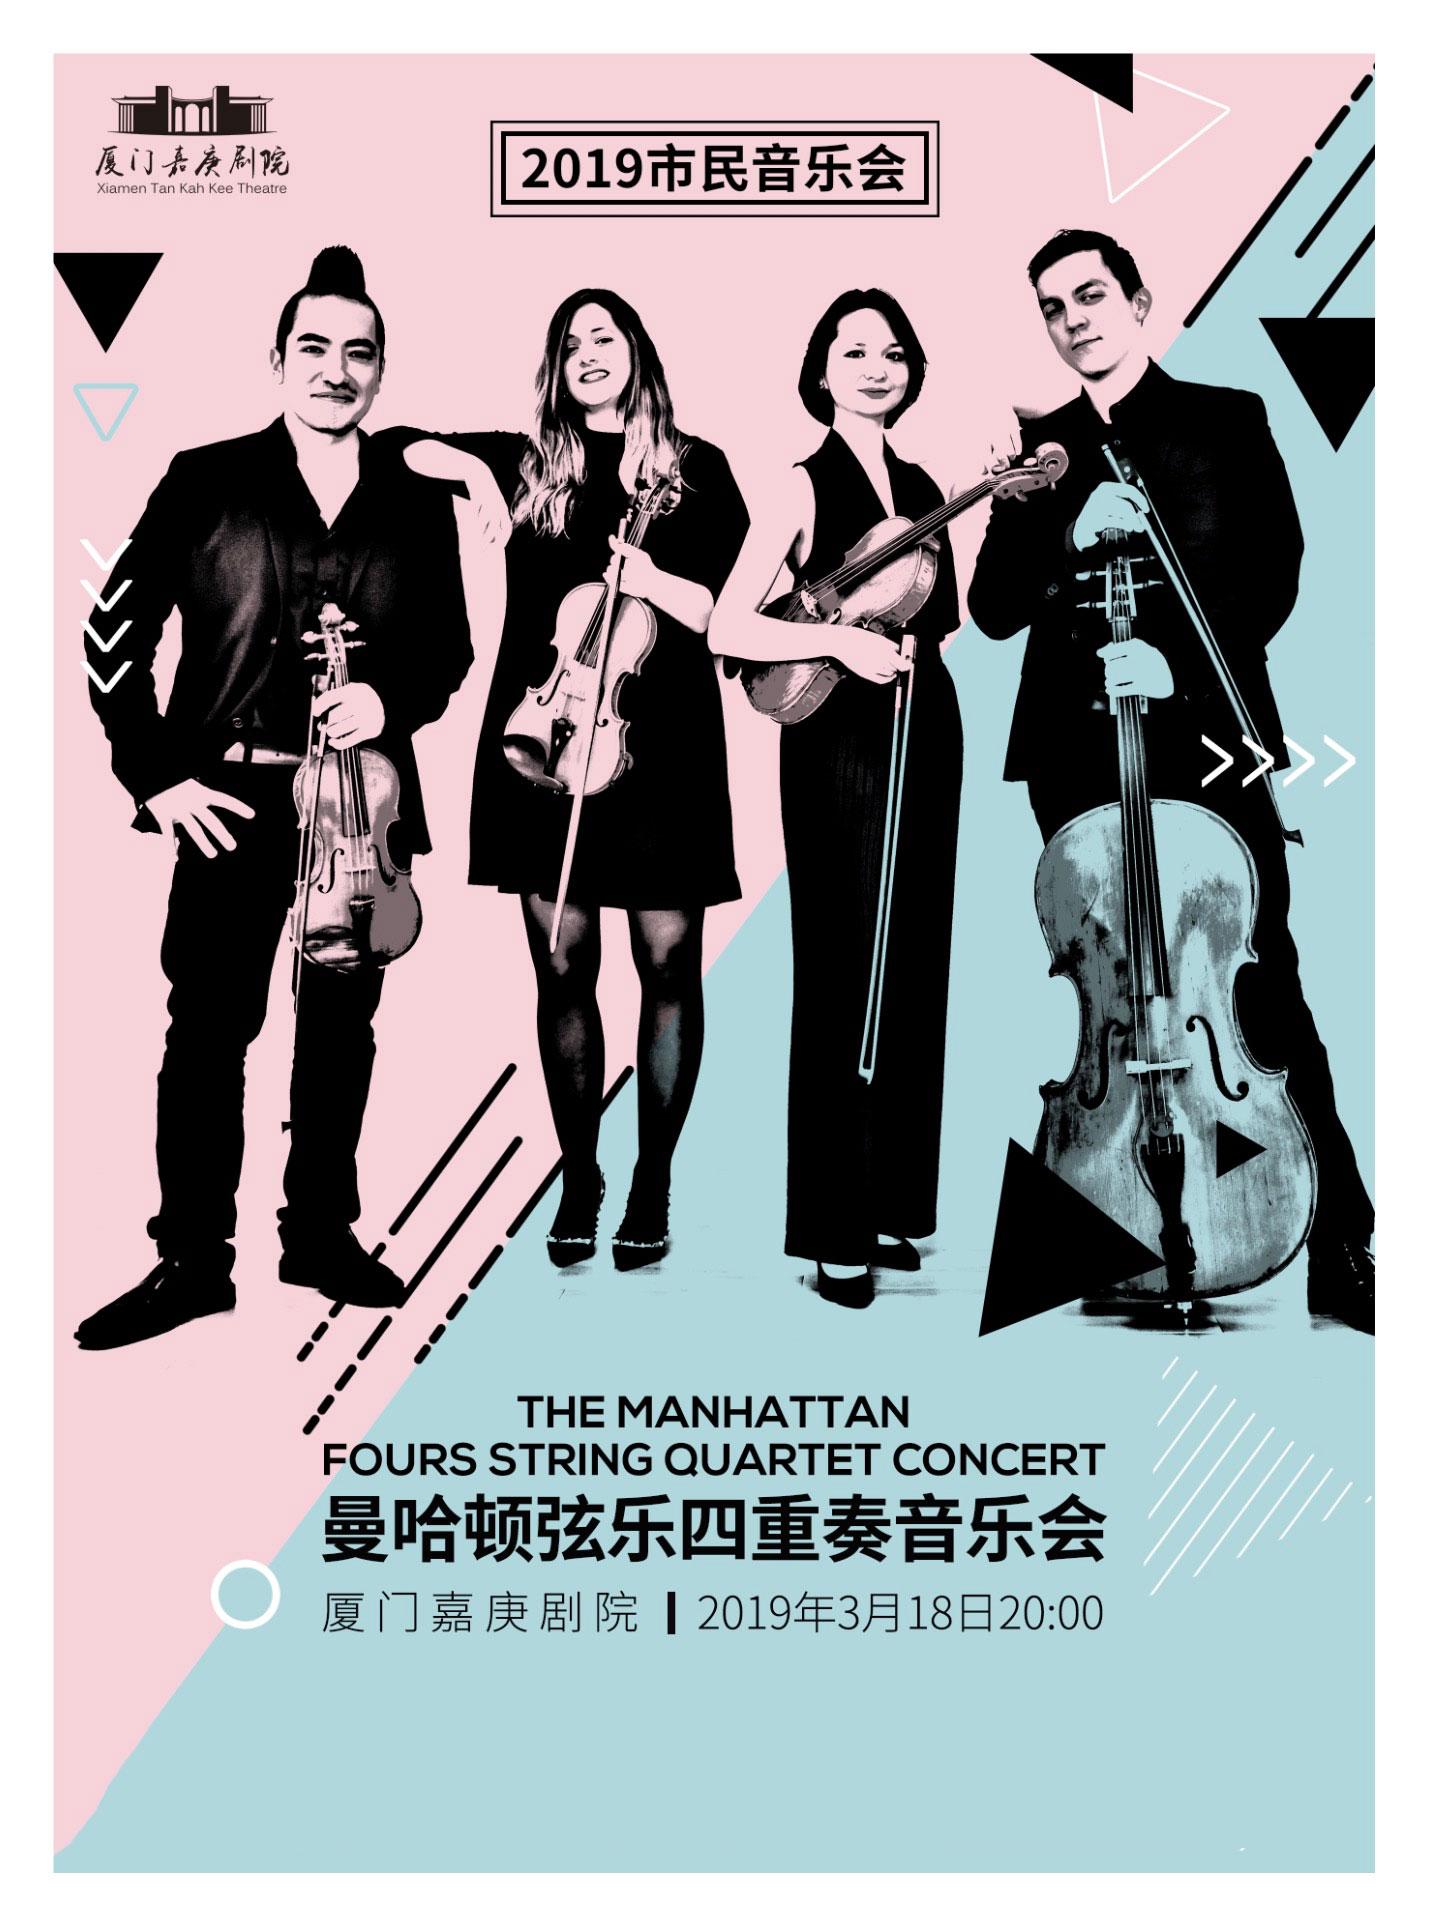 曼哈顿弦乐四重奏音乐会厦门站